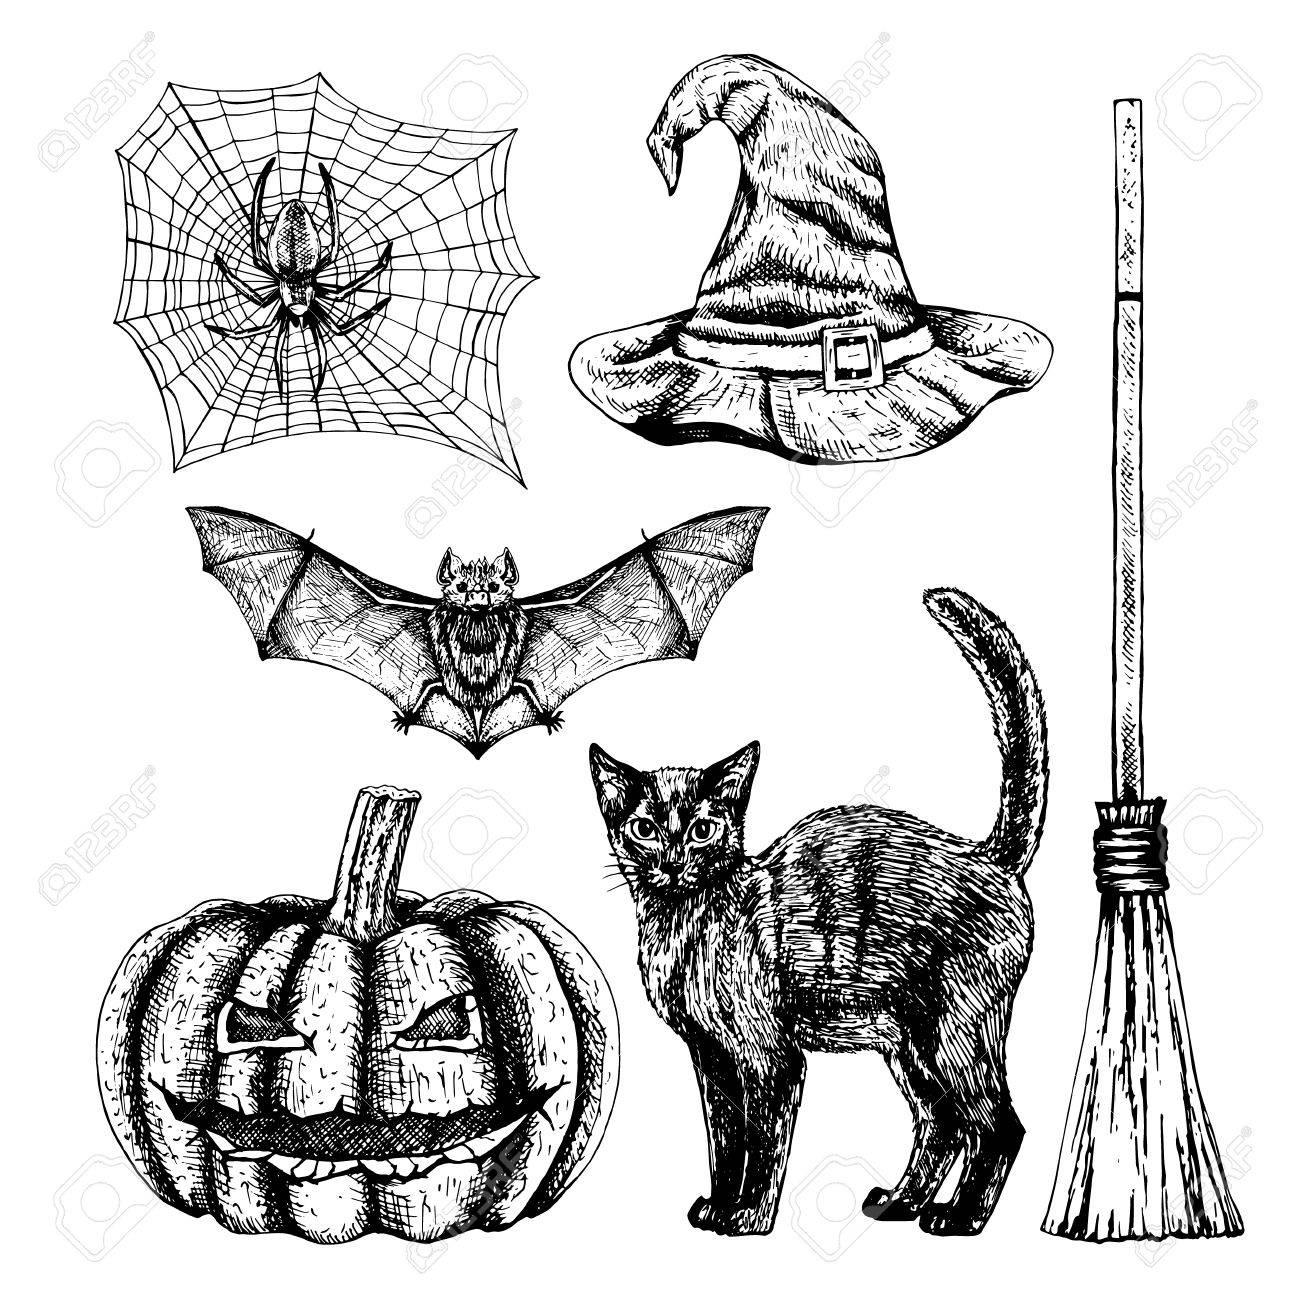 1300x1300 Hand Drawn Halloween Set. Sketches Of Bat Spider Web Witch Hat